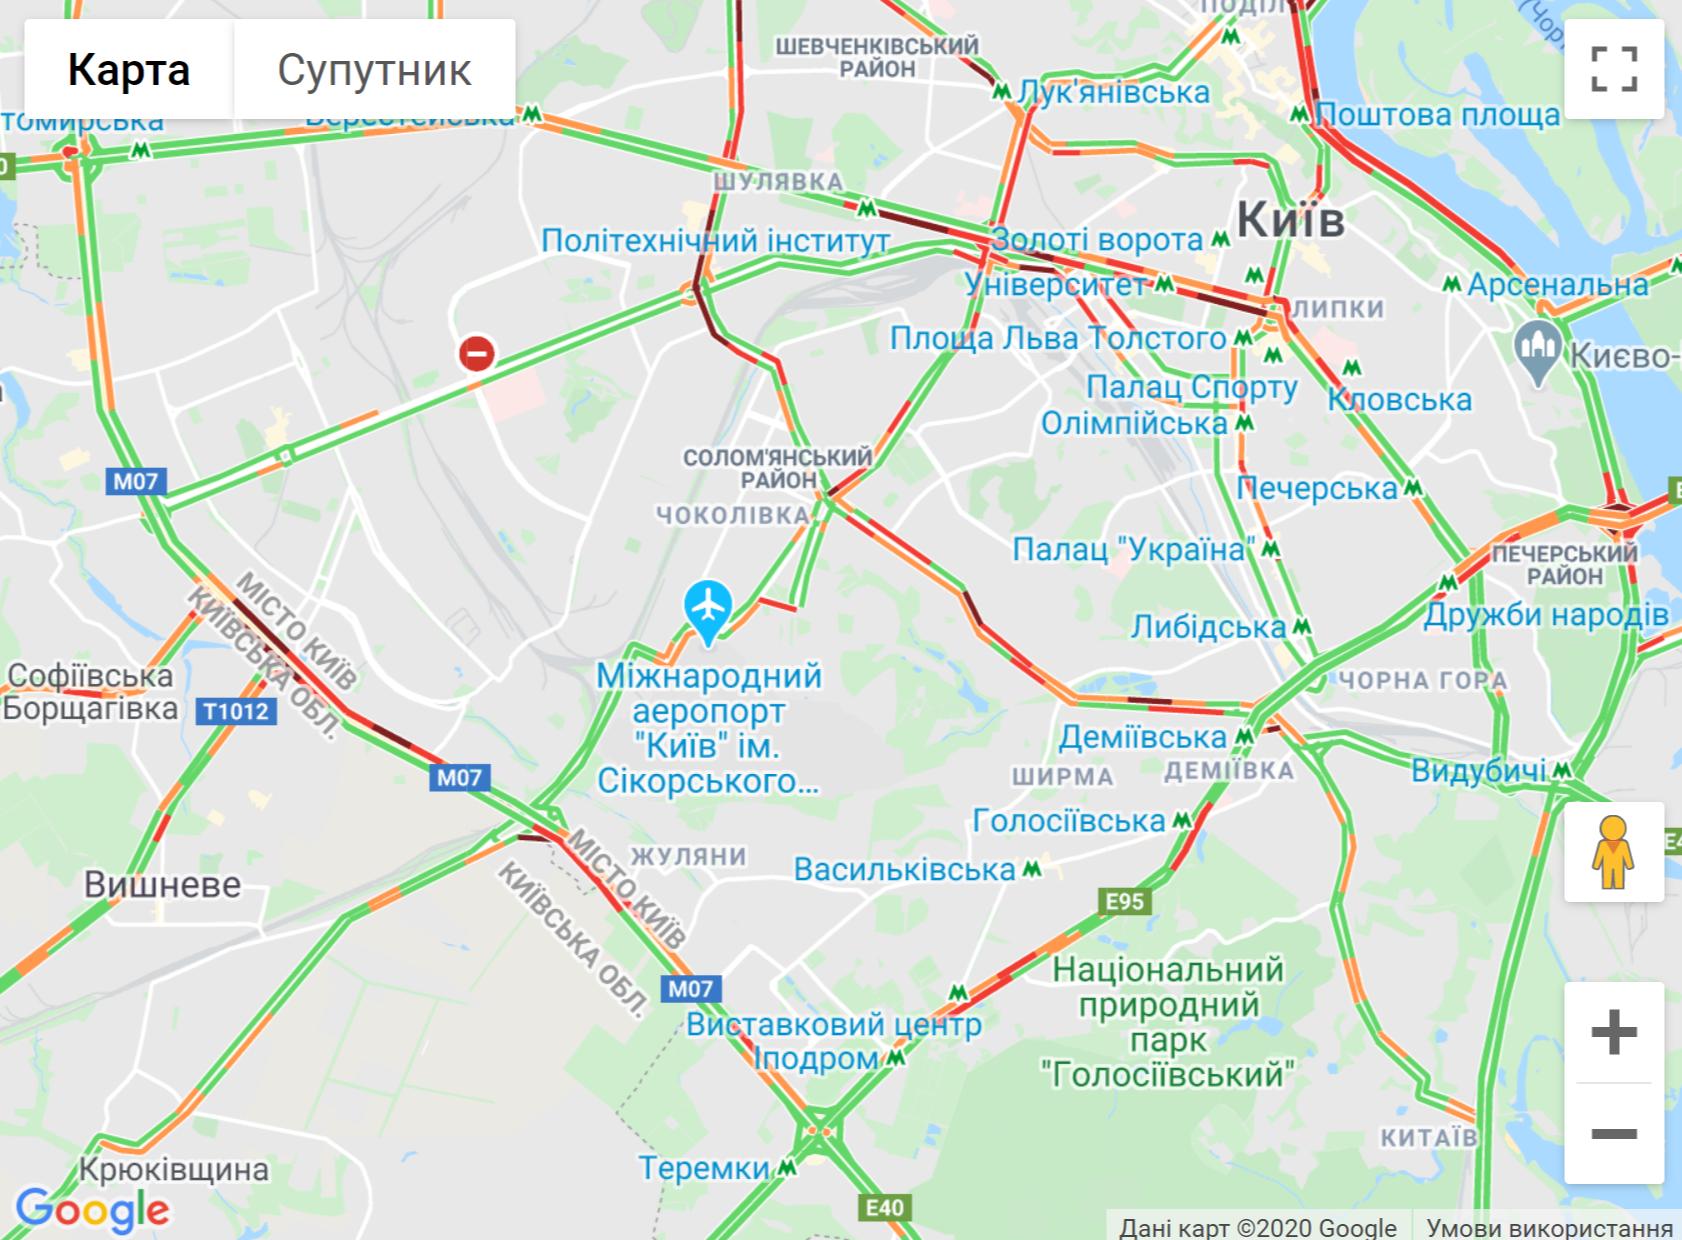 Карта заторів у Києві 14 травня